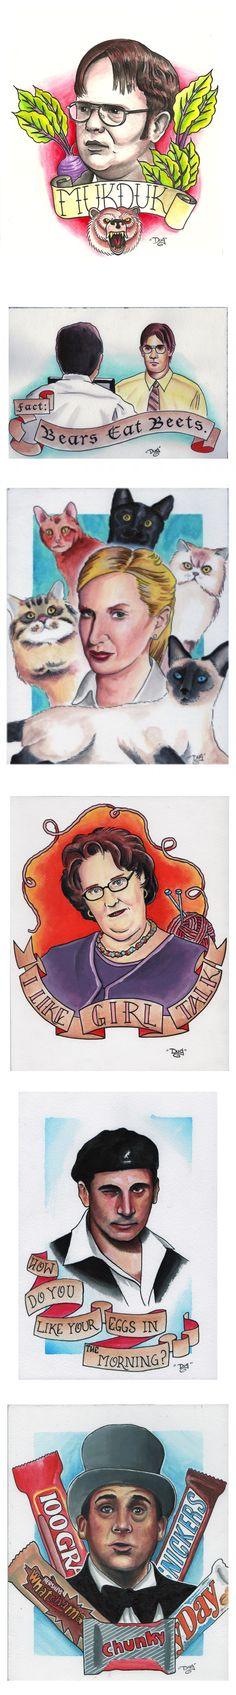 The Office paintings. Dwight Schrute (Rainn Wilson) Mukduk, Jim Halpert (John Krasinski) Bears Eat Beets. Michael Scott (Steve Carell) as Willy Wonka. #art #artwork #illustration